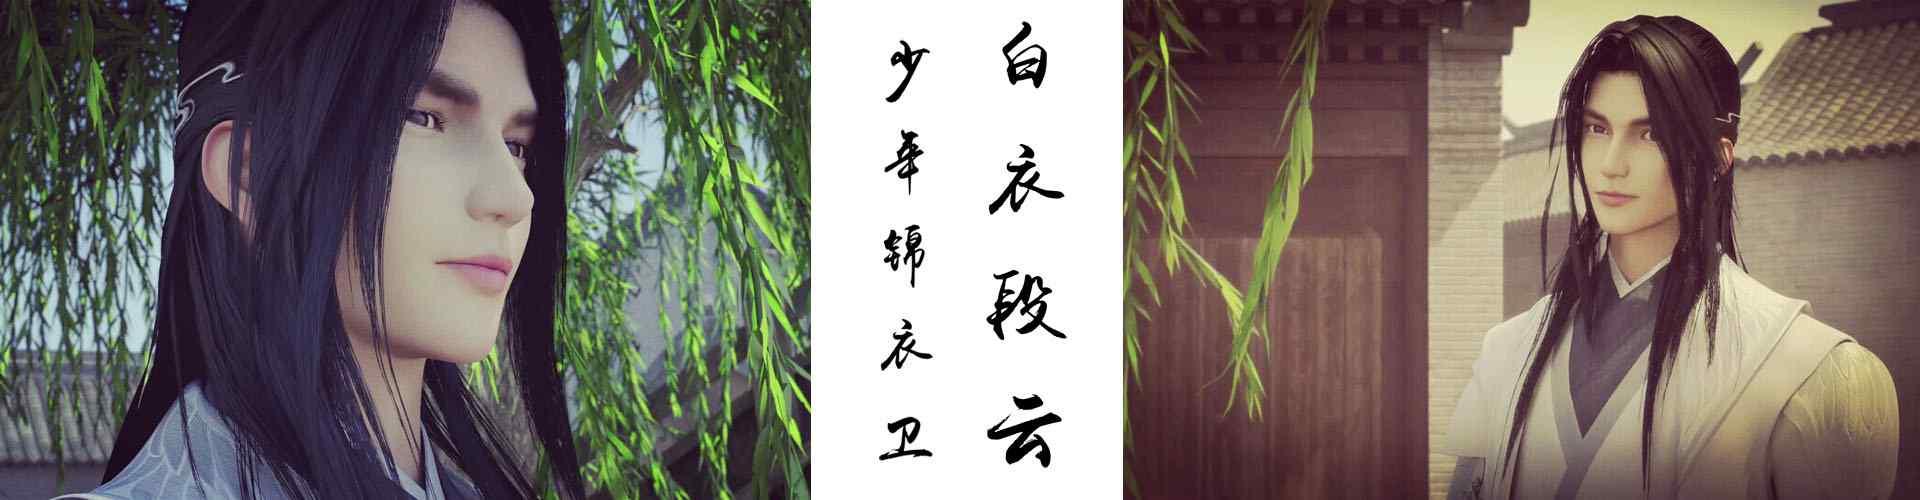 少年锦衣卫段云_段云图片_白衣段云图片_段云九公主图片_少年锦衣卫图片_帅哥壁纸